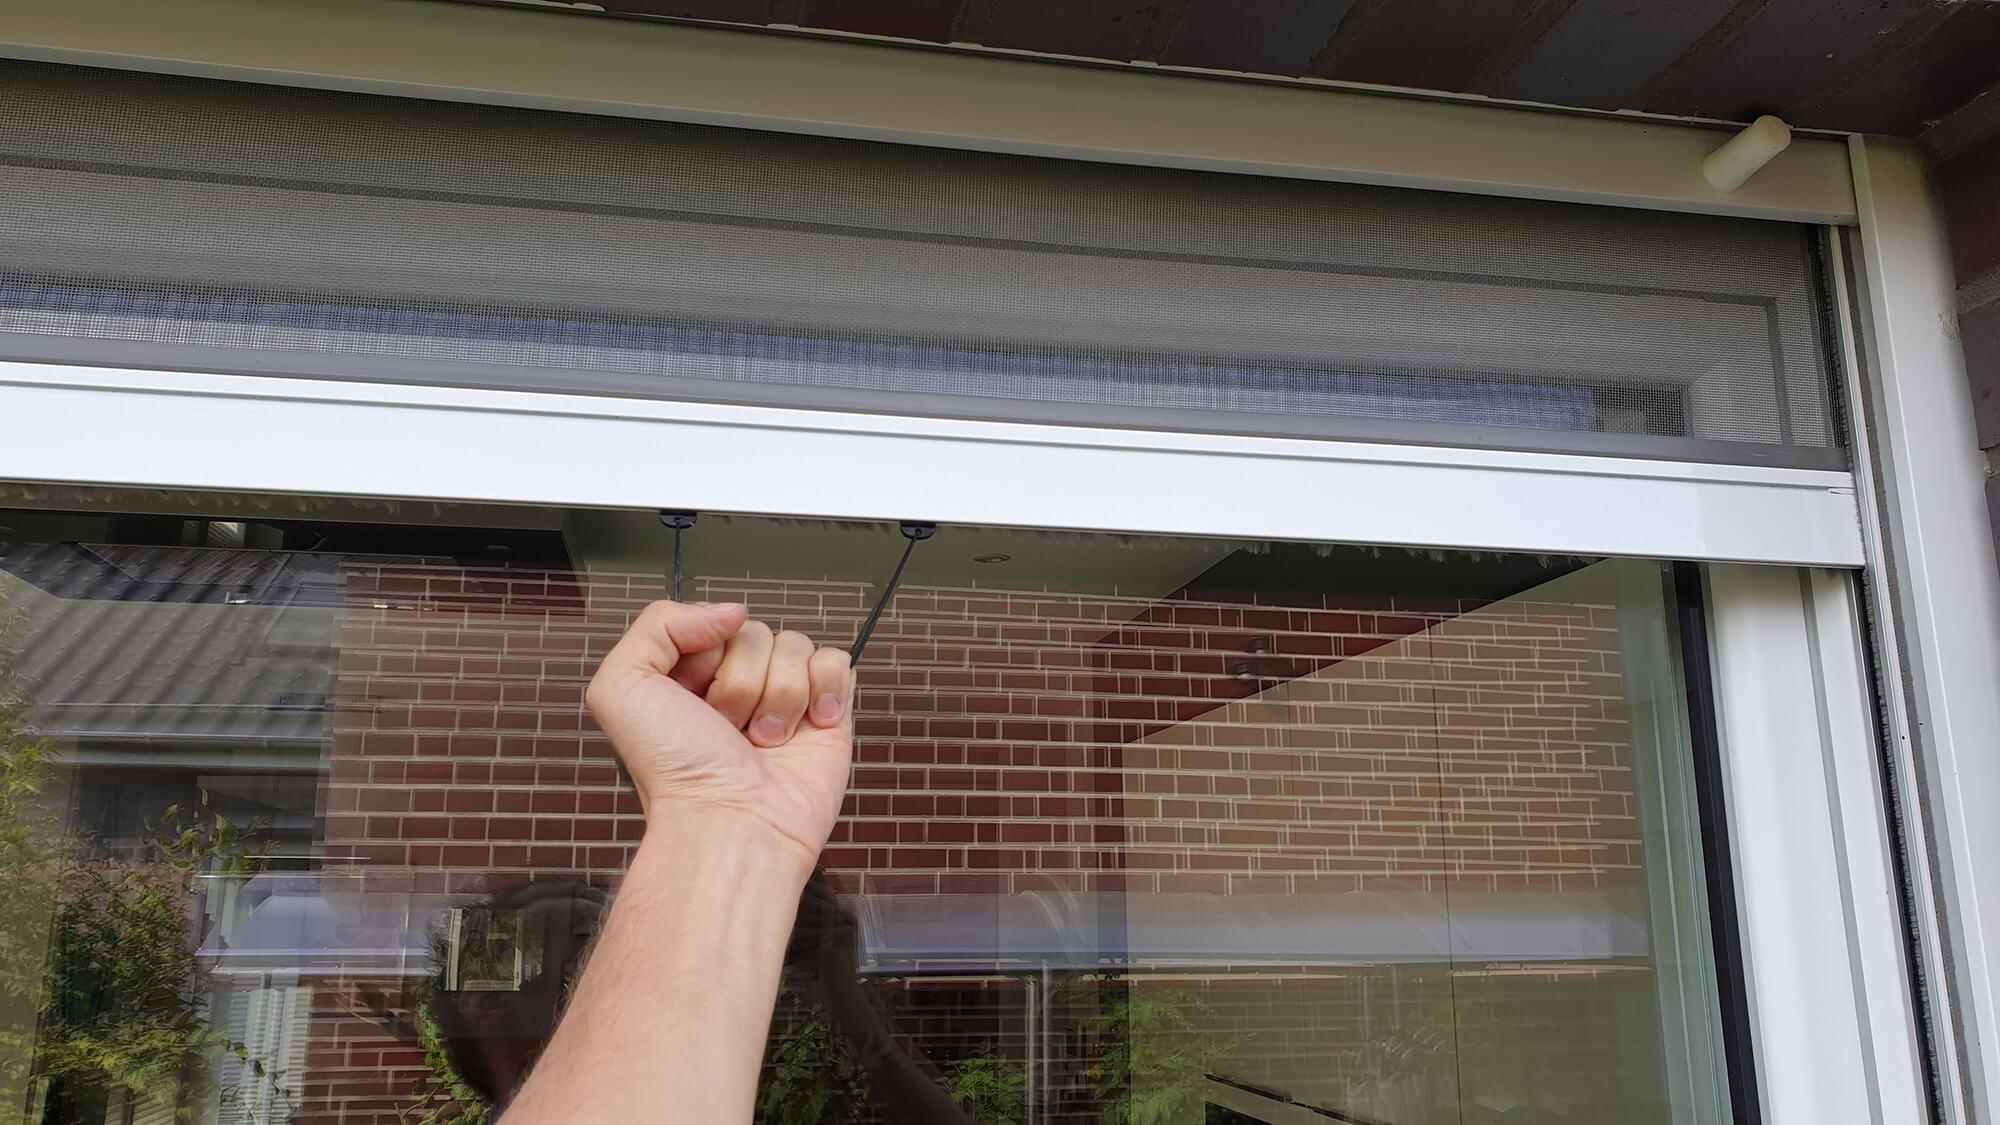 Full Size of Fliegengitter Fenster Integrierter Insektenschutz Als Rollo Und Standardmaße Sichtschutzfolie Einseitig Durchsichtig Sicherheitsfolie Online Konfigurator Veka Fenster Insektenschutz Für Fenster